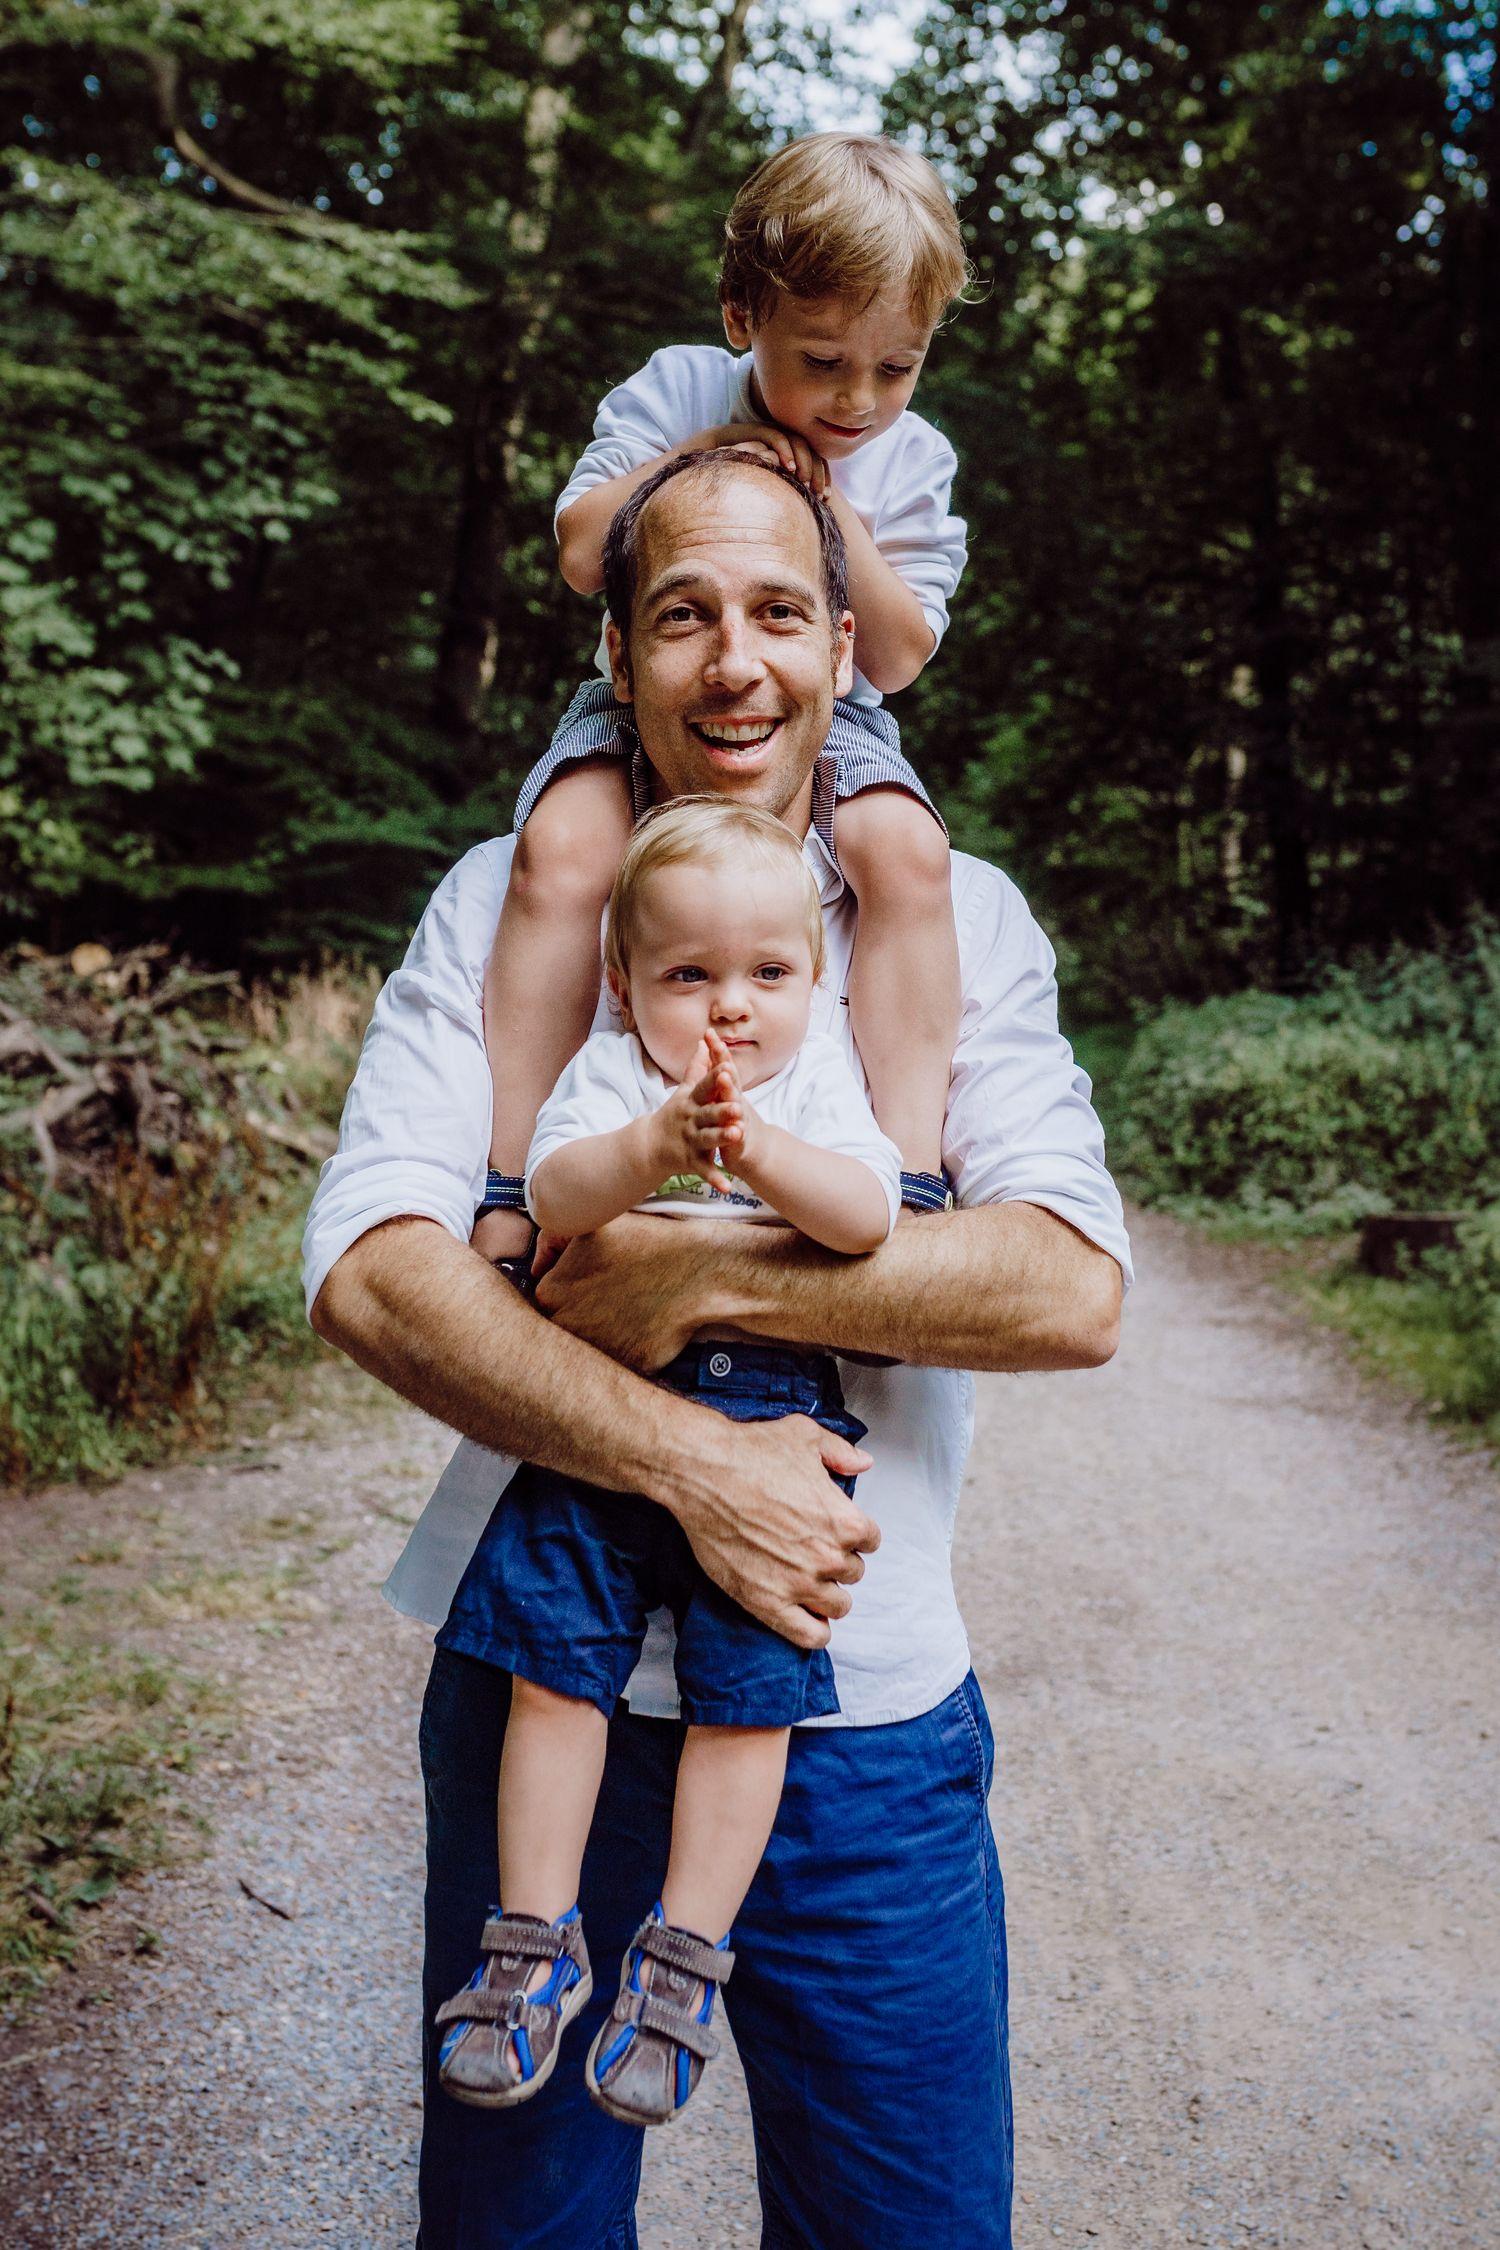 gemeinsames Bild Vater mit Kindern